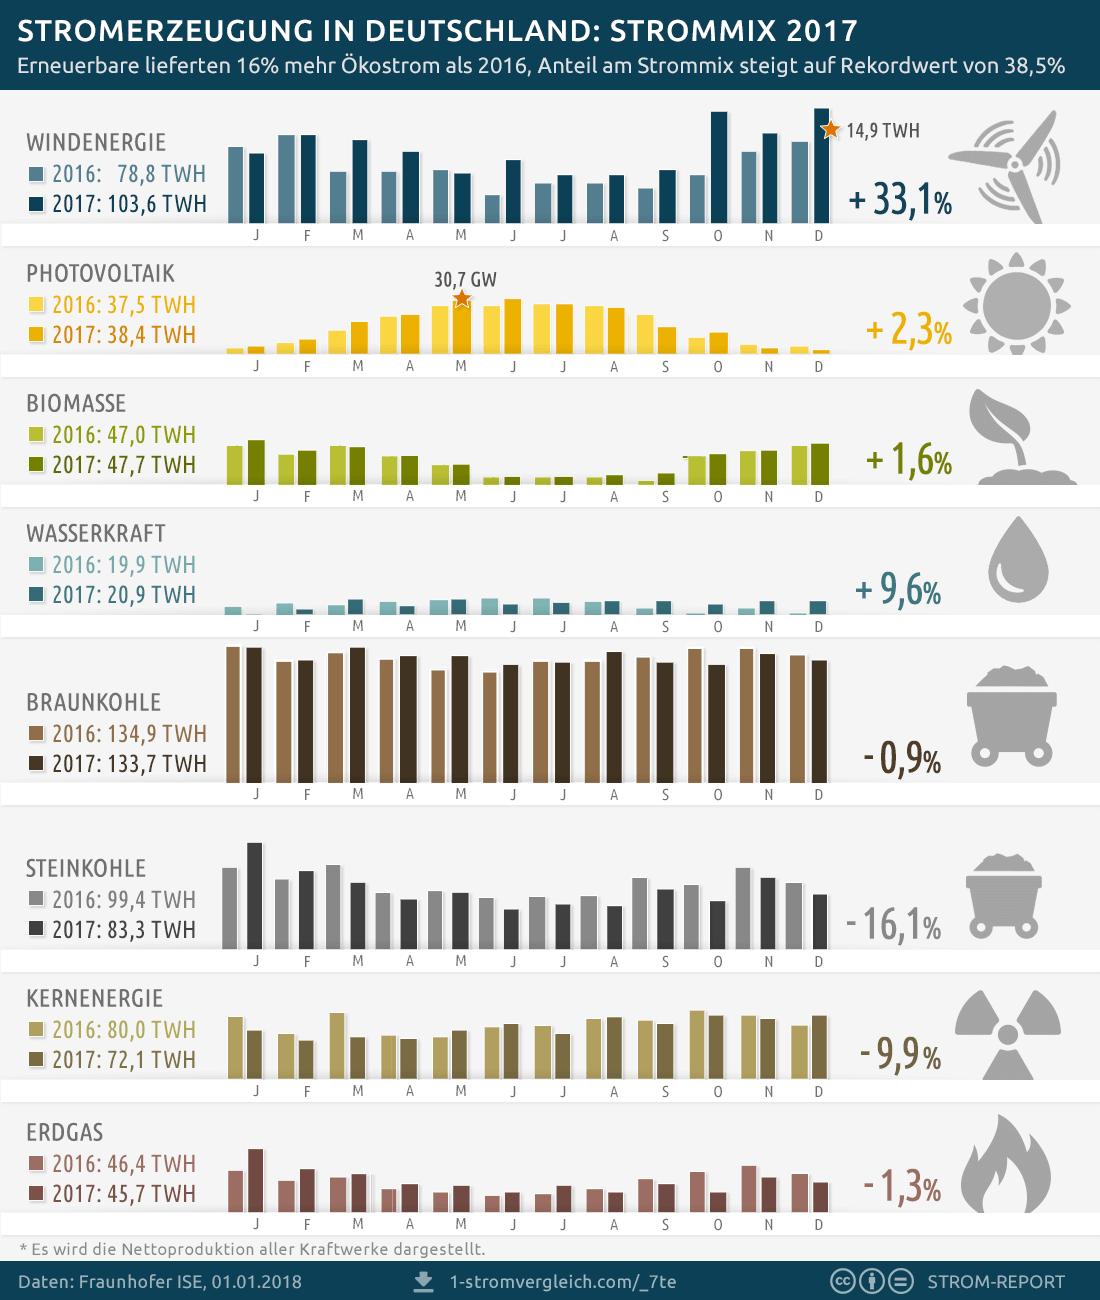 Stromerzeugung Deutschland 2017, Strommix